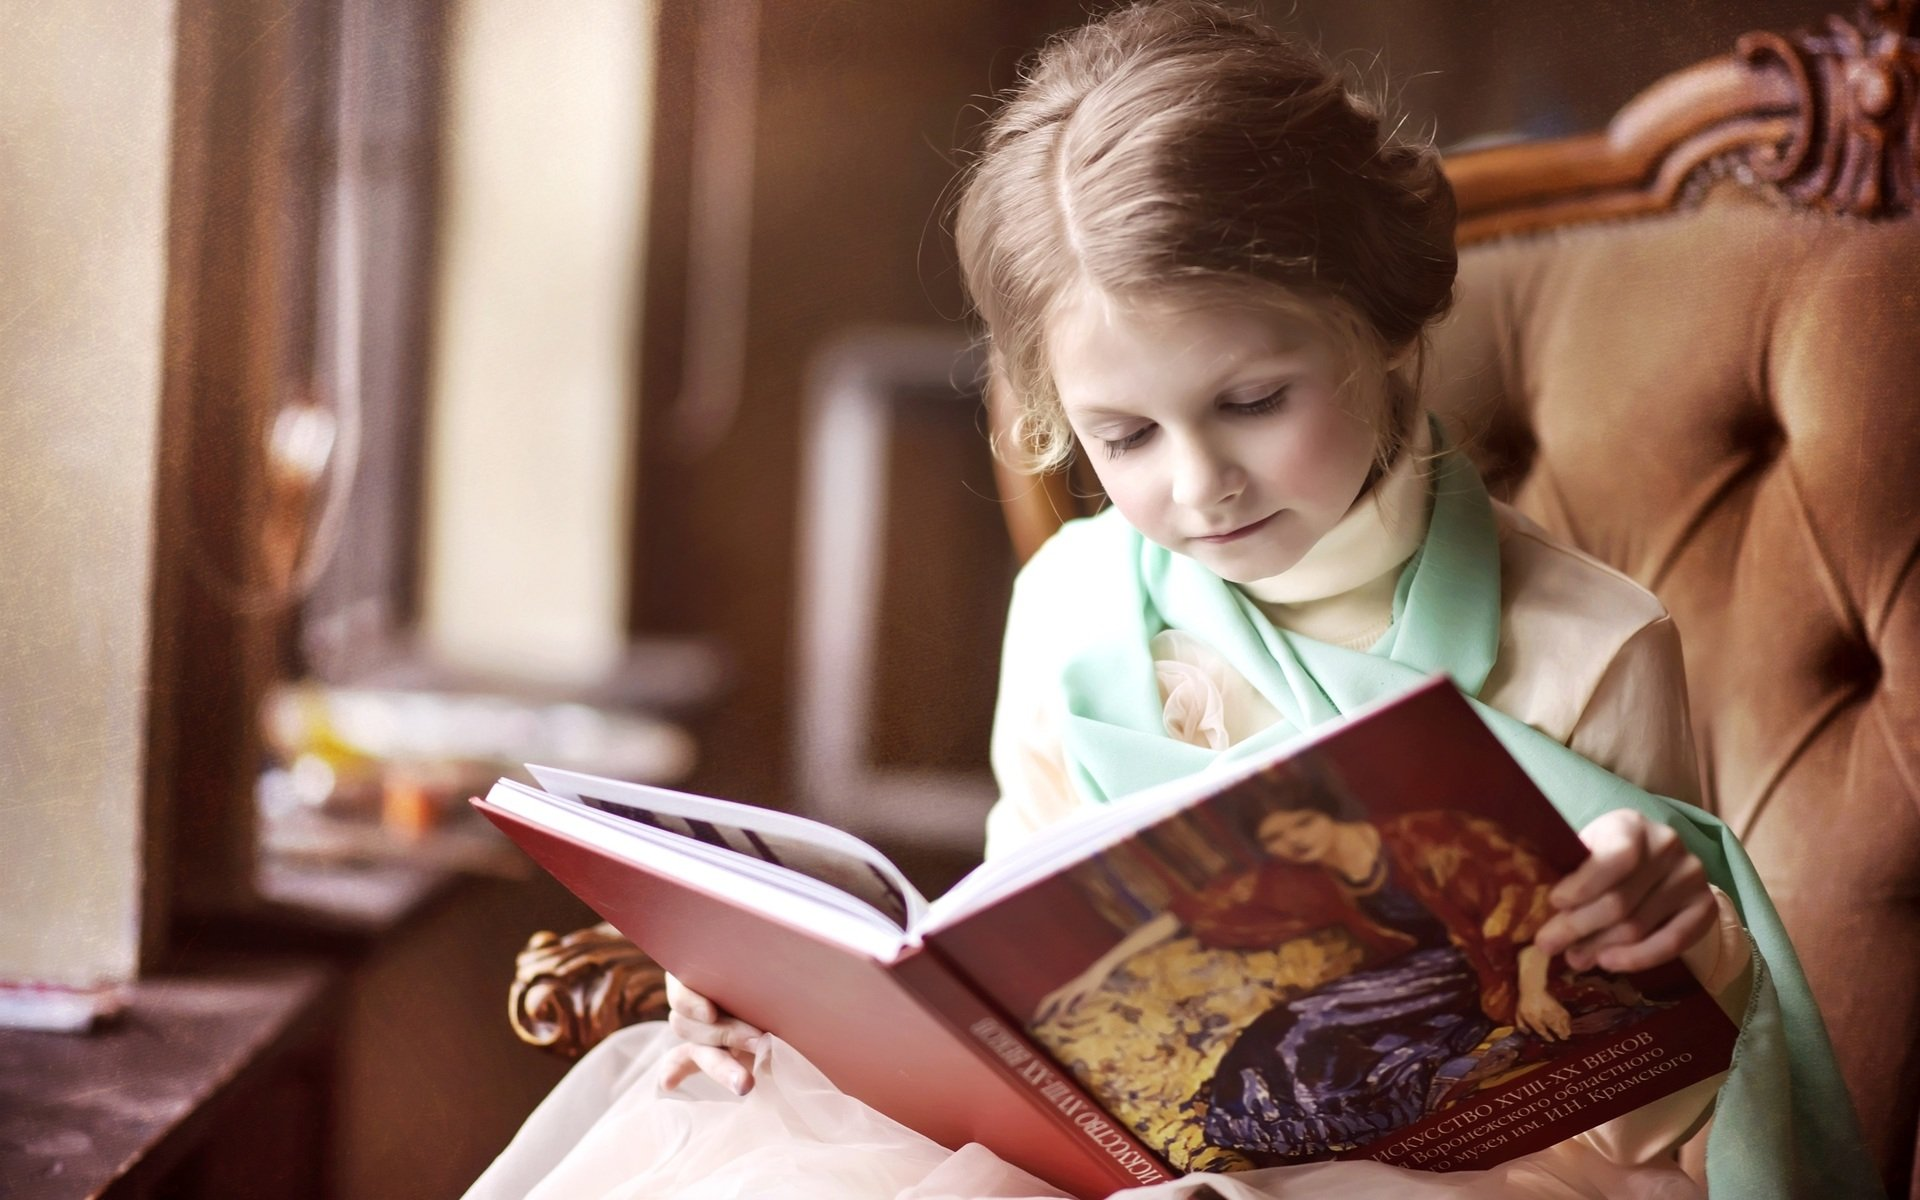 крекер картинки с детьми читающими книги комнатных условиях